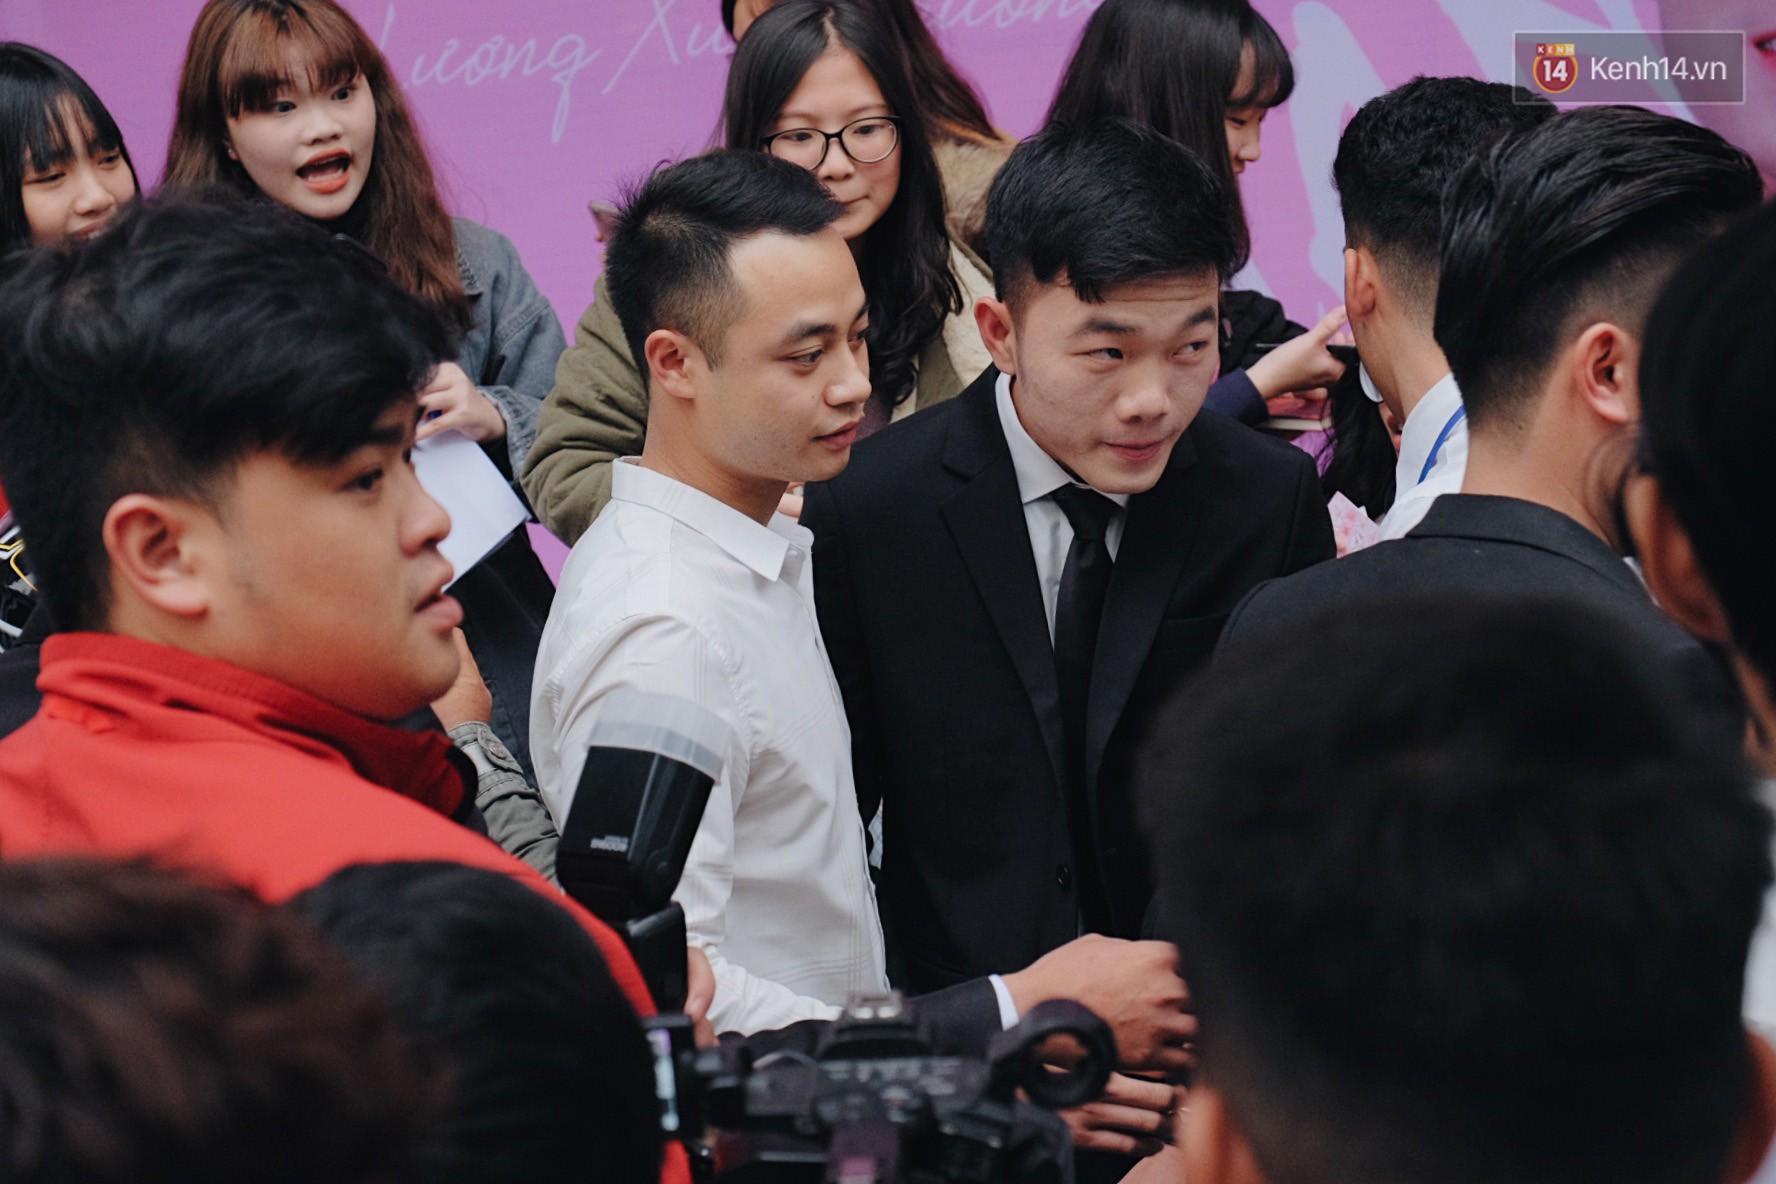 Đội Trưởng Xuân Trường chưa bao giờ hết hot: Fan vây kín cả sự kiện